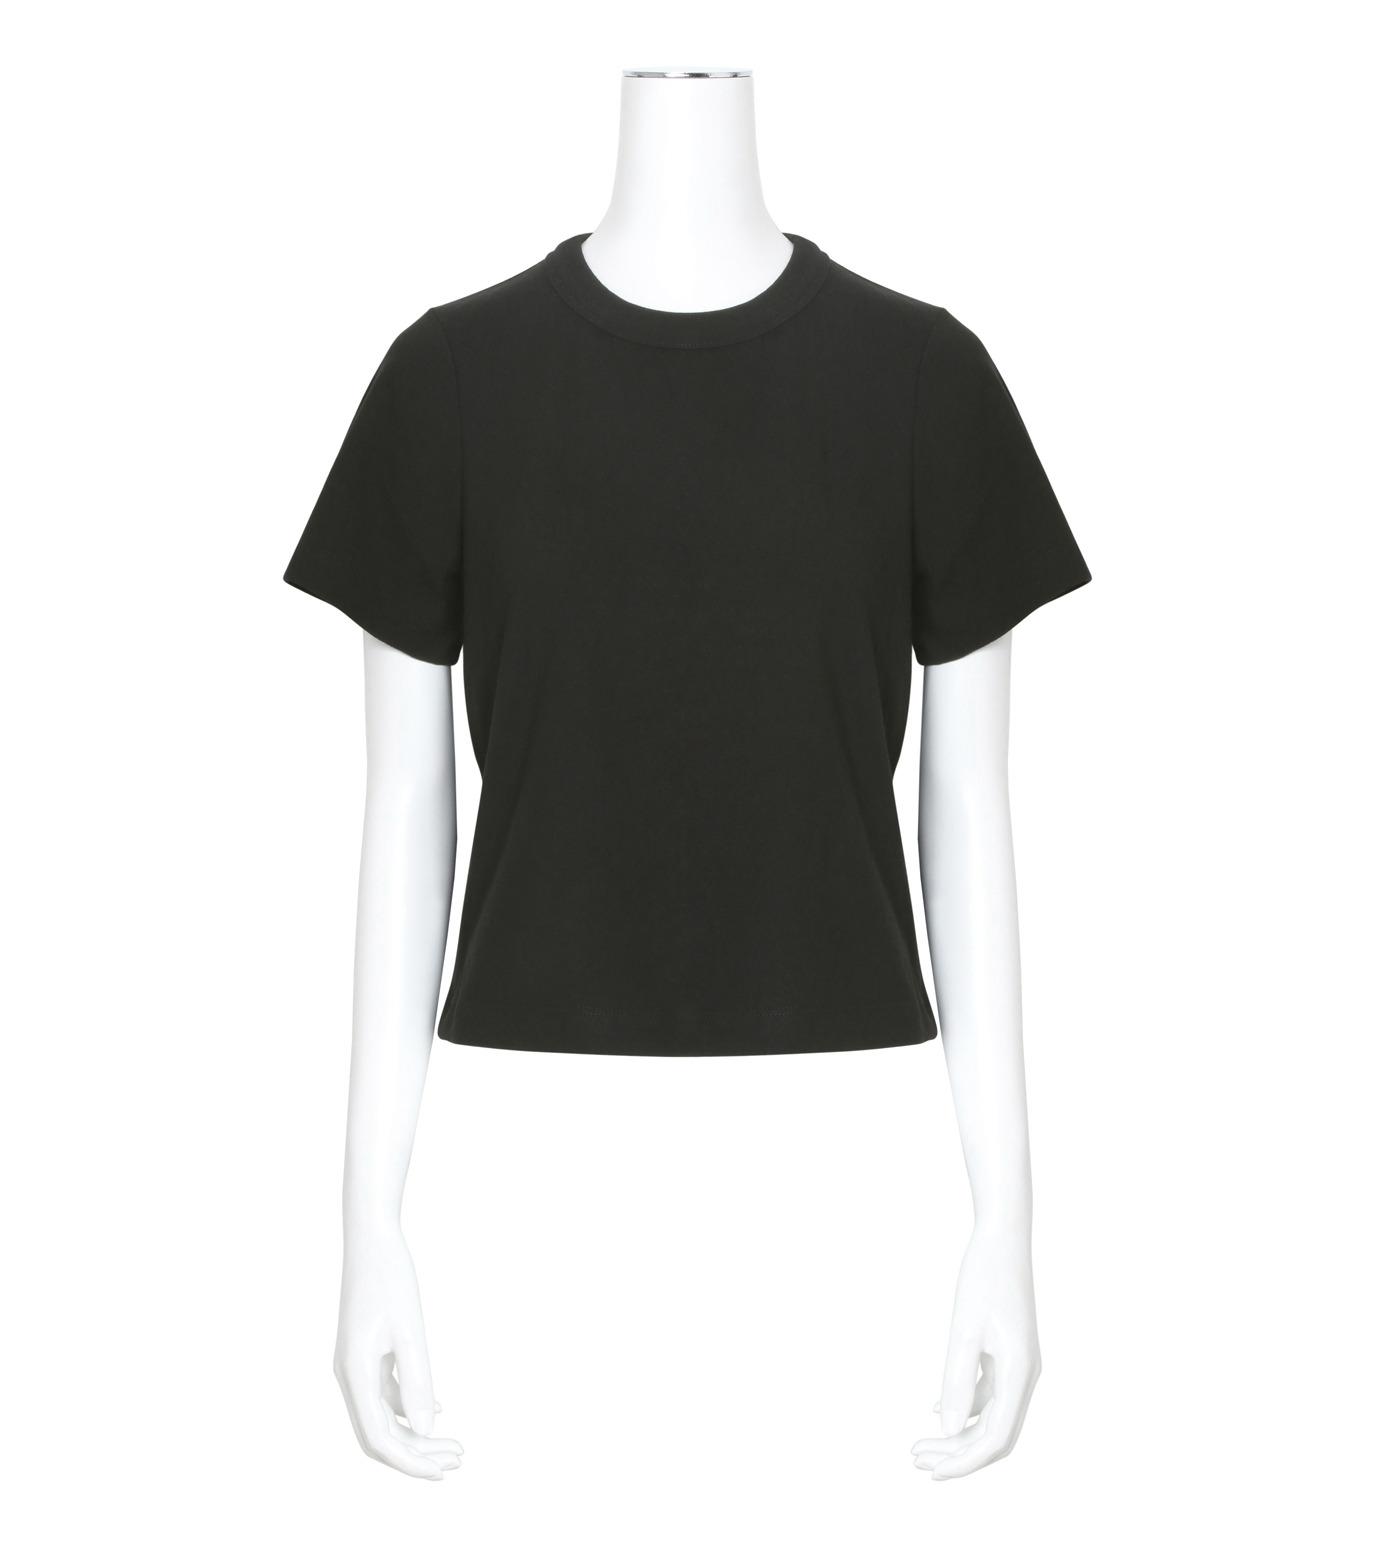 T by Alexander Wang(ティーバイ アレキサンダーワン)のHigh Twist Boy T-BLACK(カットソー/cut and sewn)-400221R17-13 拡大詳細画像1